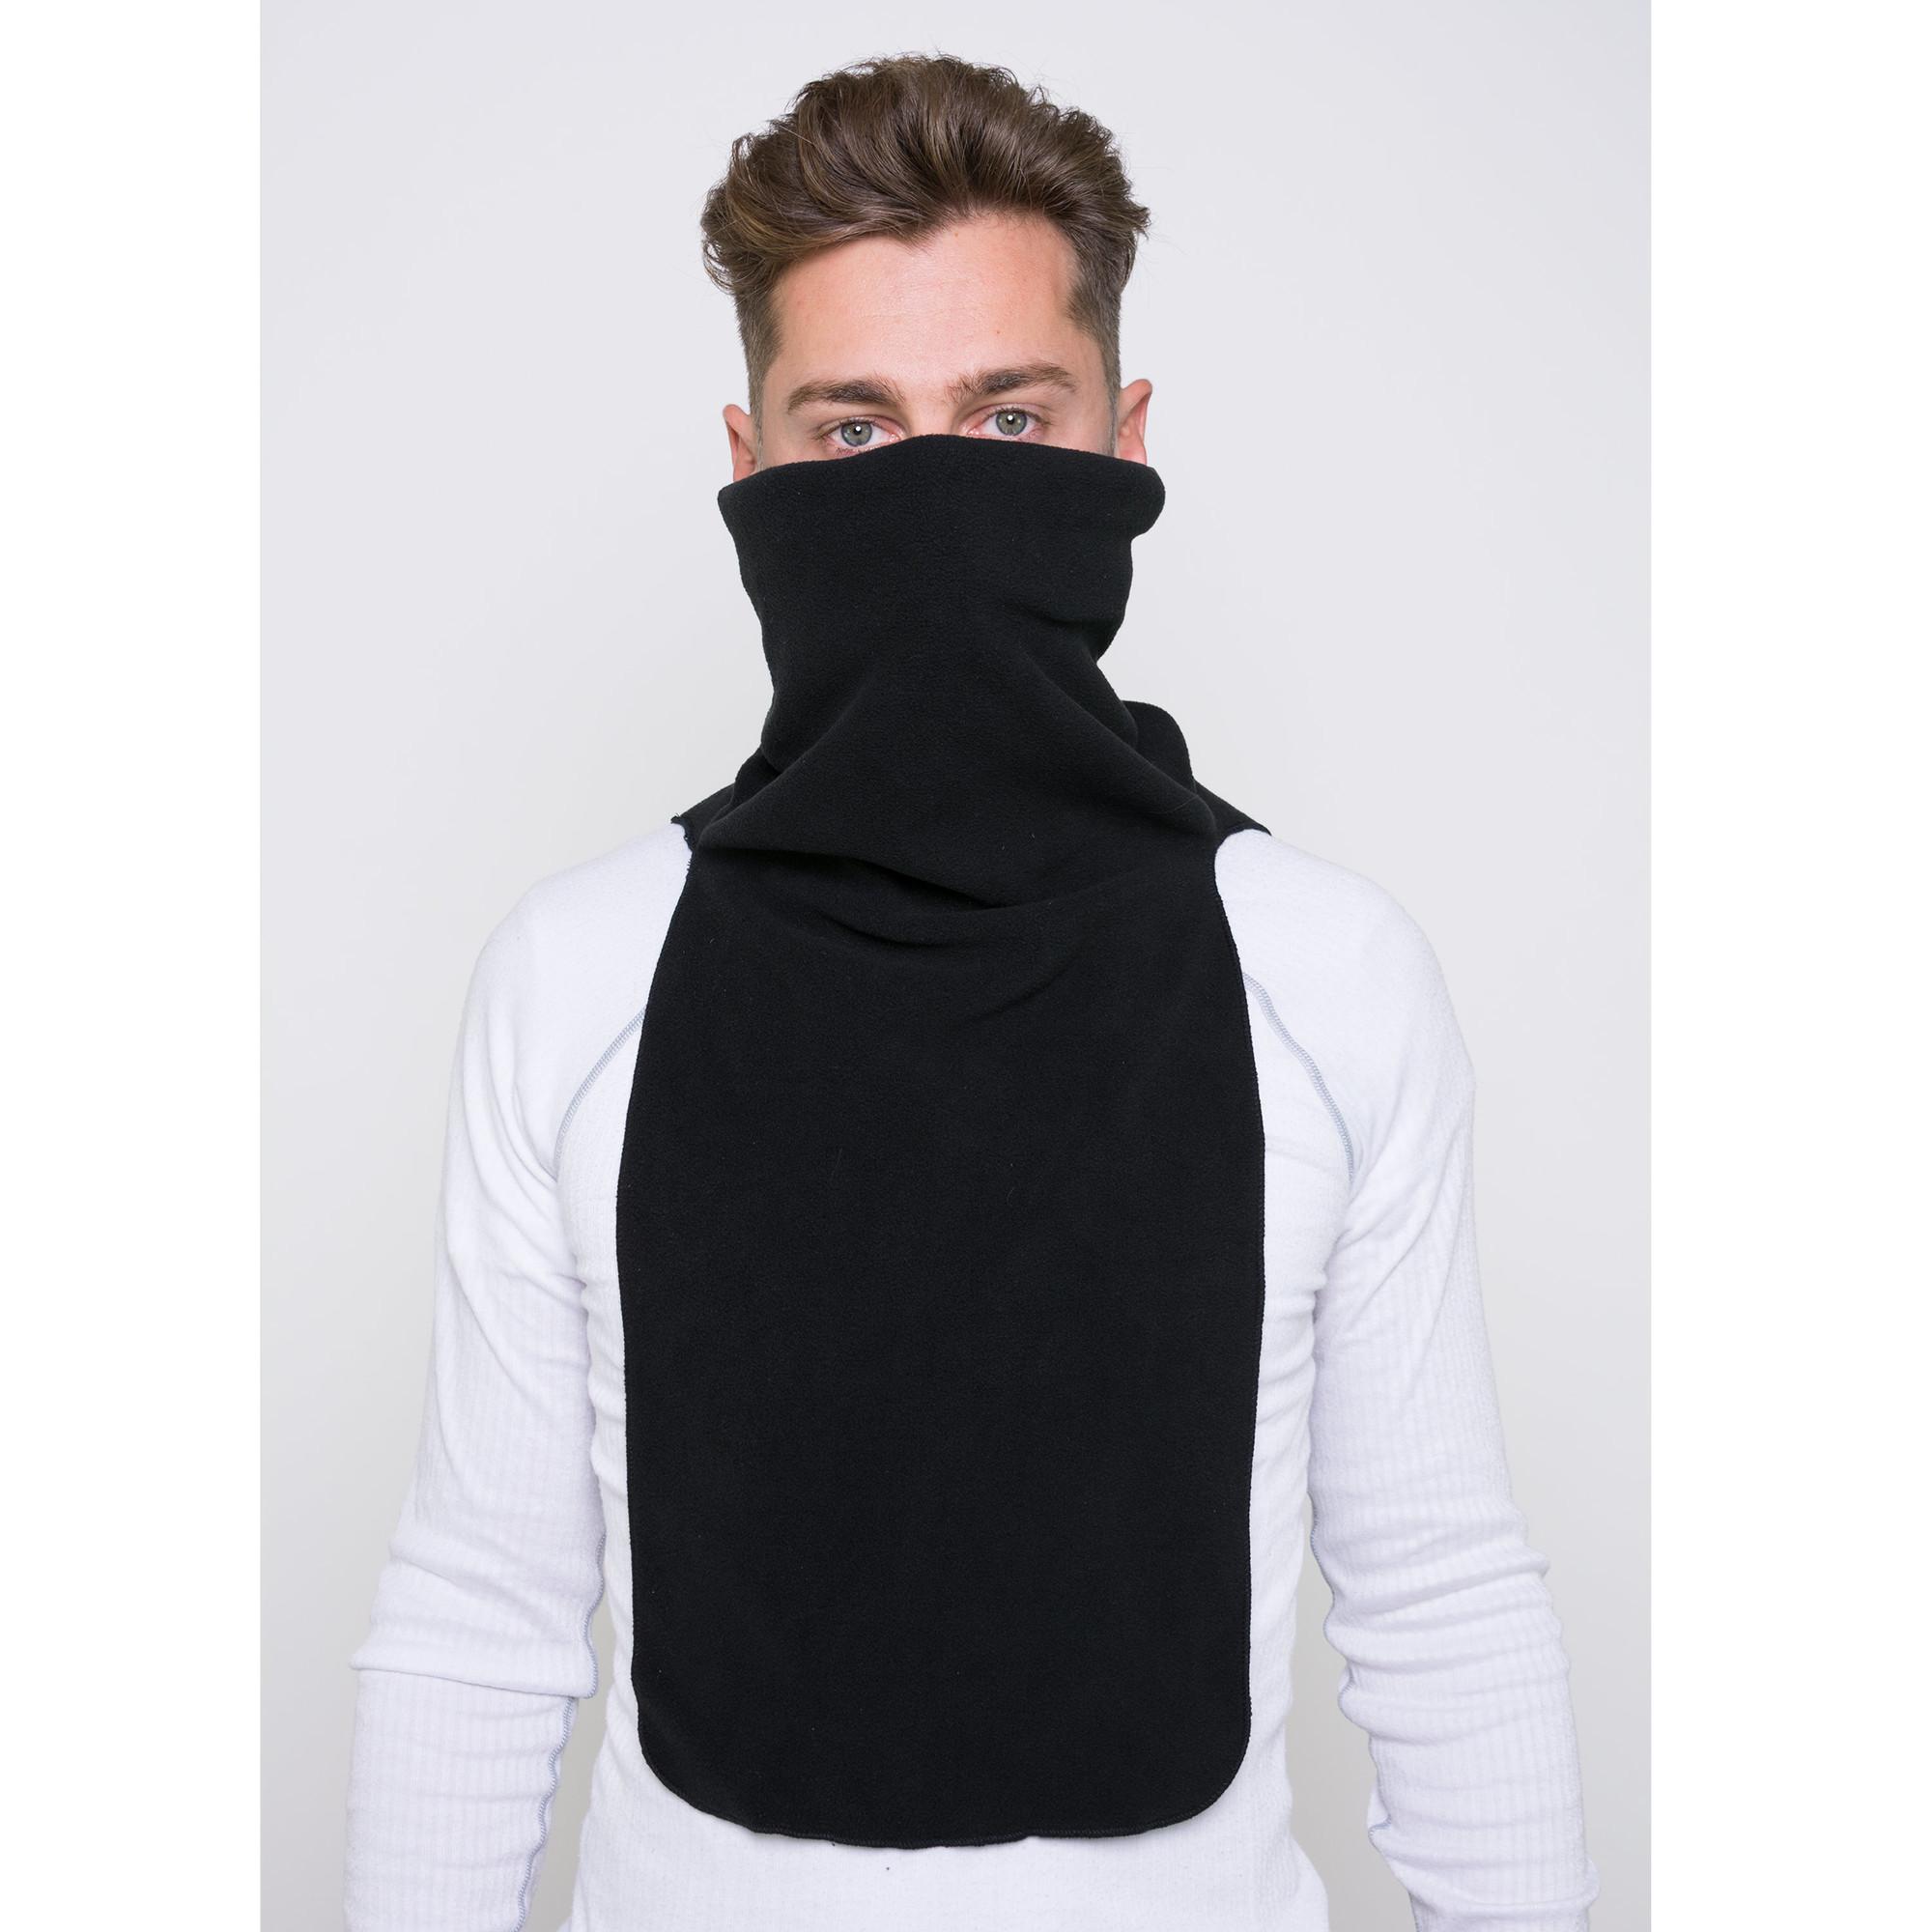 Populair Skimutsen en sjaals kopen | gemakkelijk en snel bij SkiWebShop #QB16